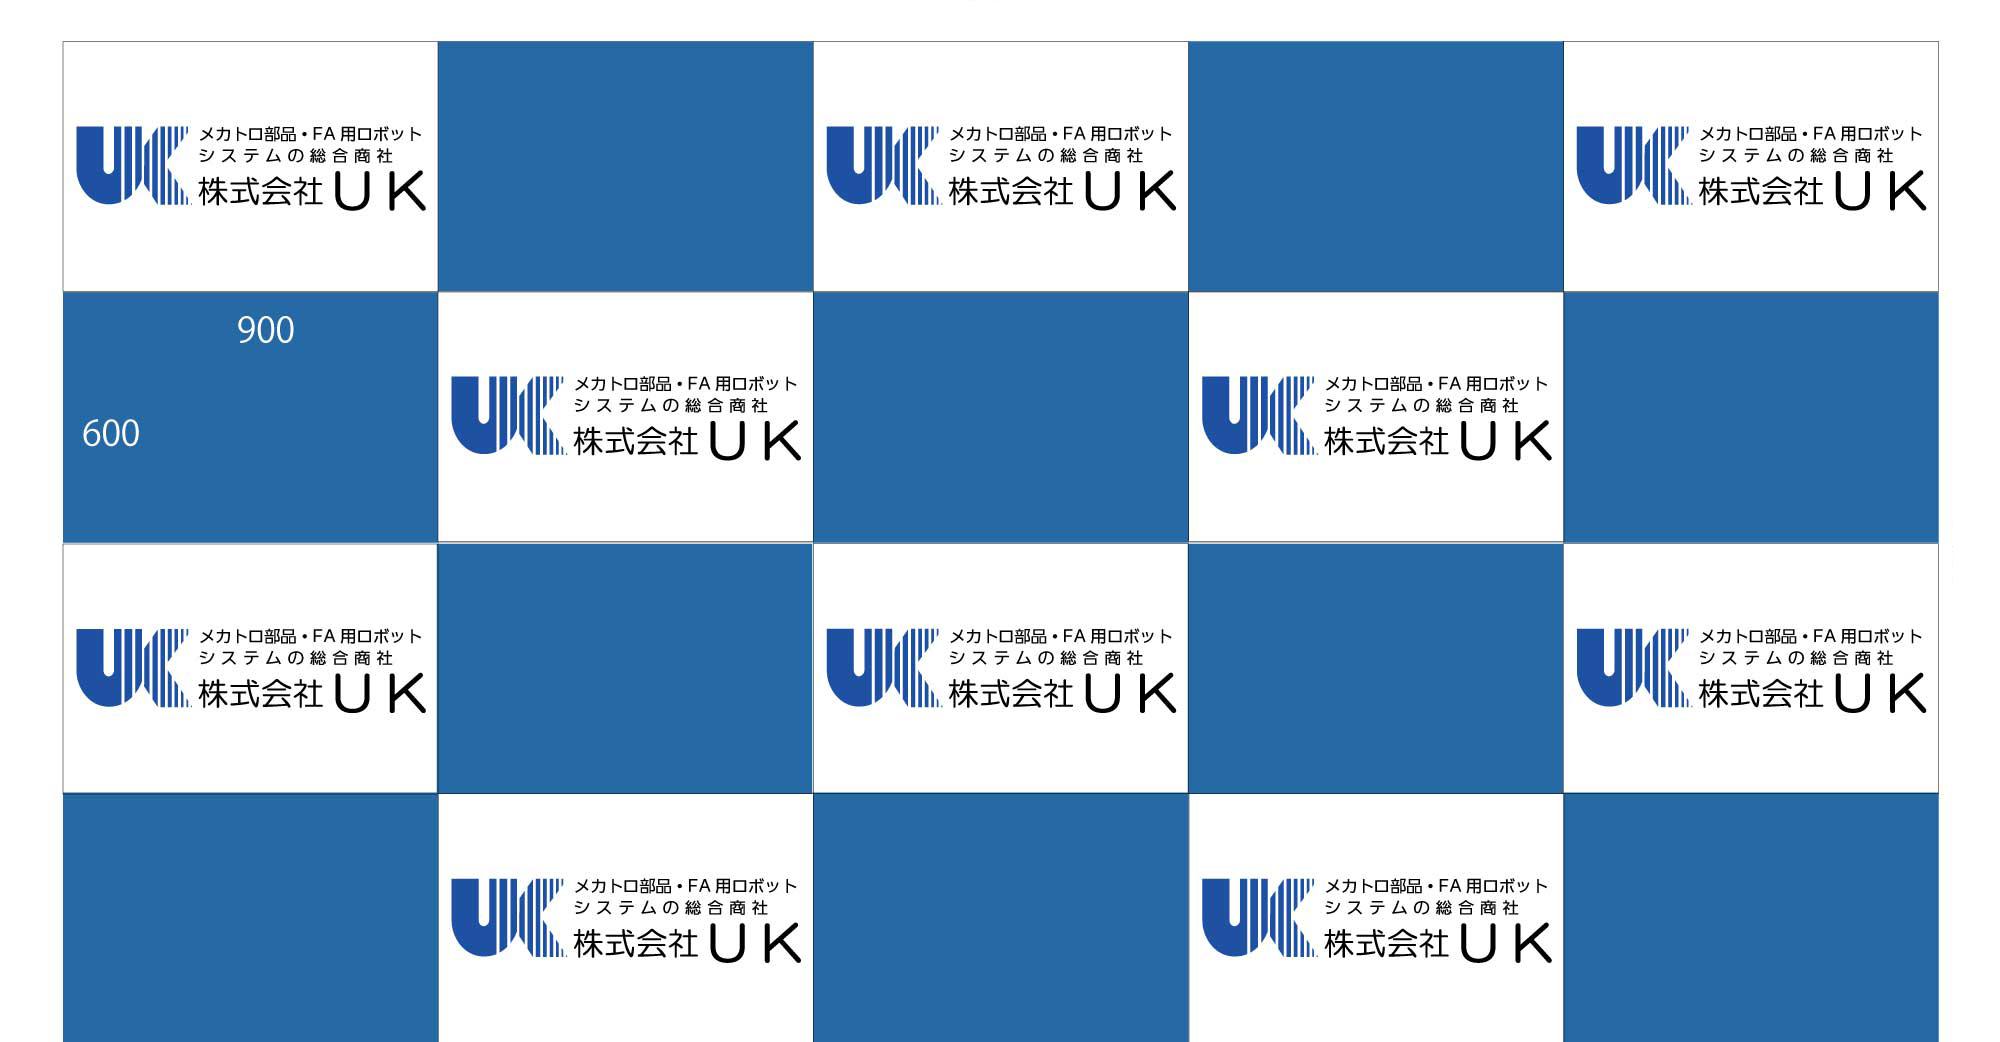 株式会社UK様展示用マットボードパネルできました。